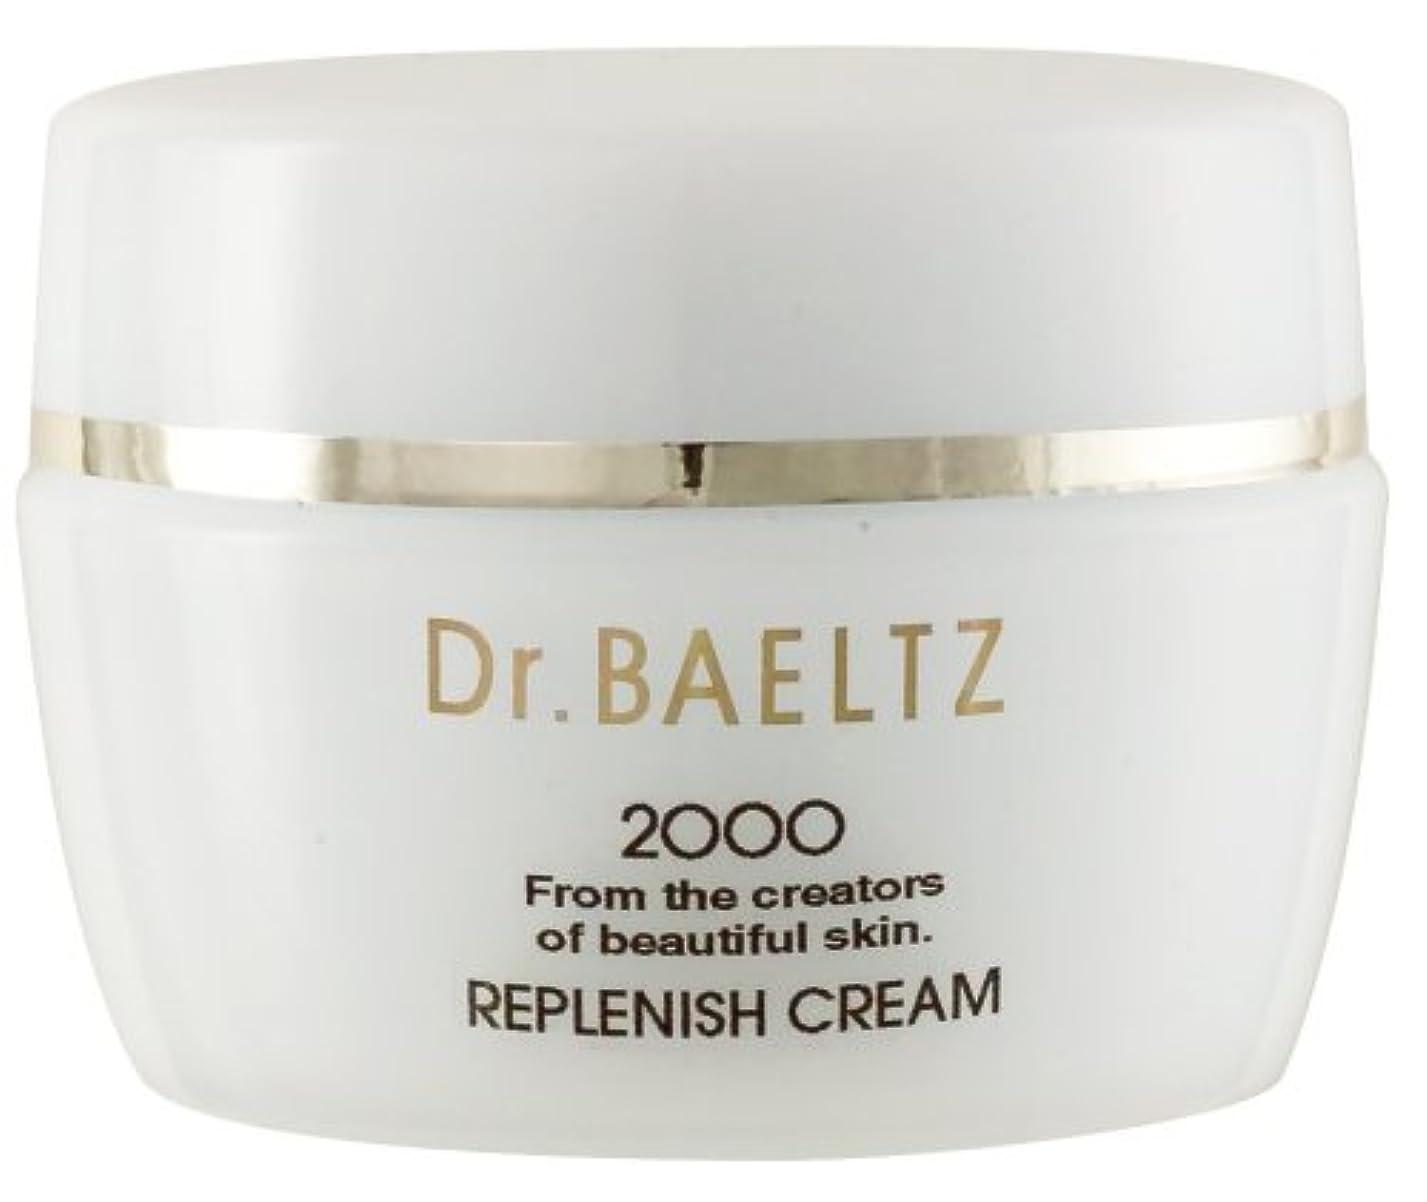 さておき自分の力ですべてをする借りているドクターベルツ(Dr.BAELTZ) リプレニッシュクリーム 40g(保湿クリーム)